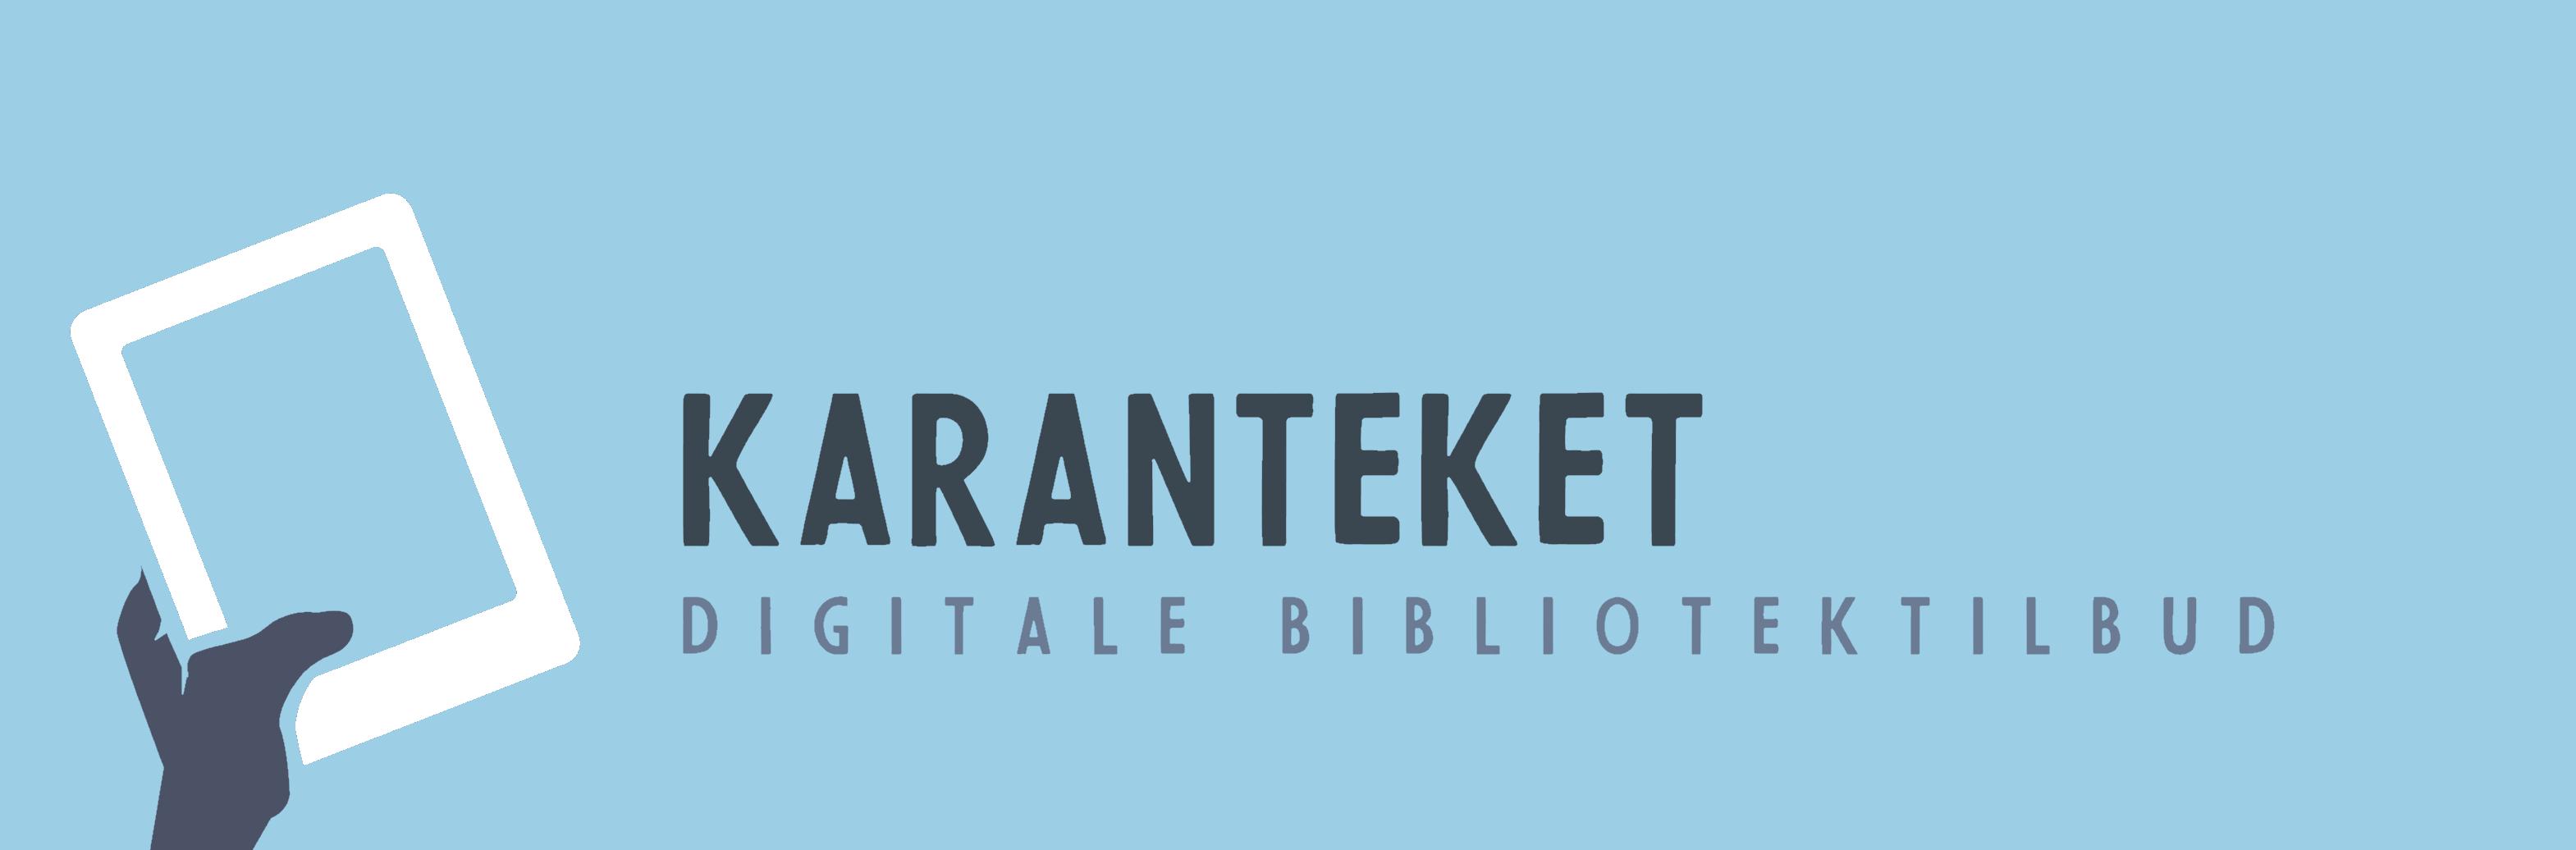 Logo karanteket